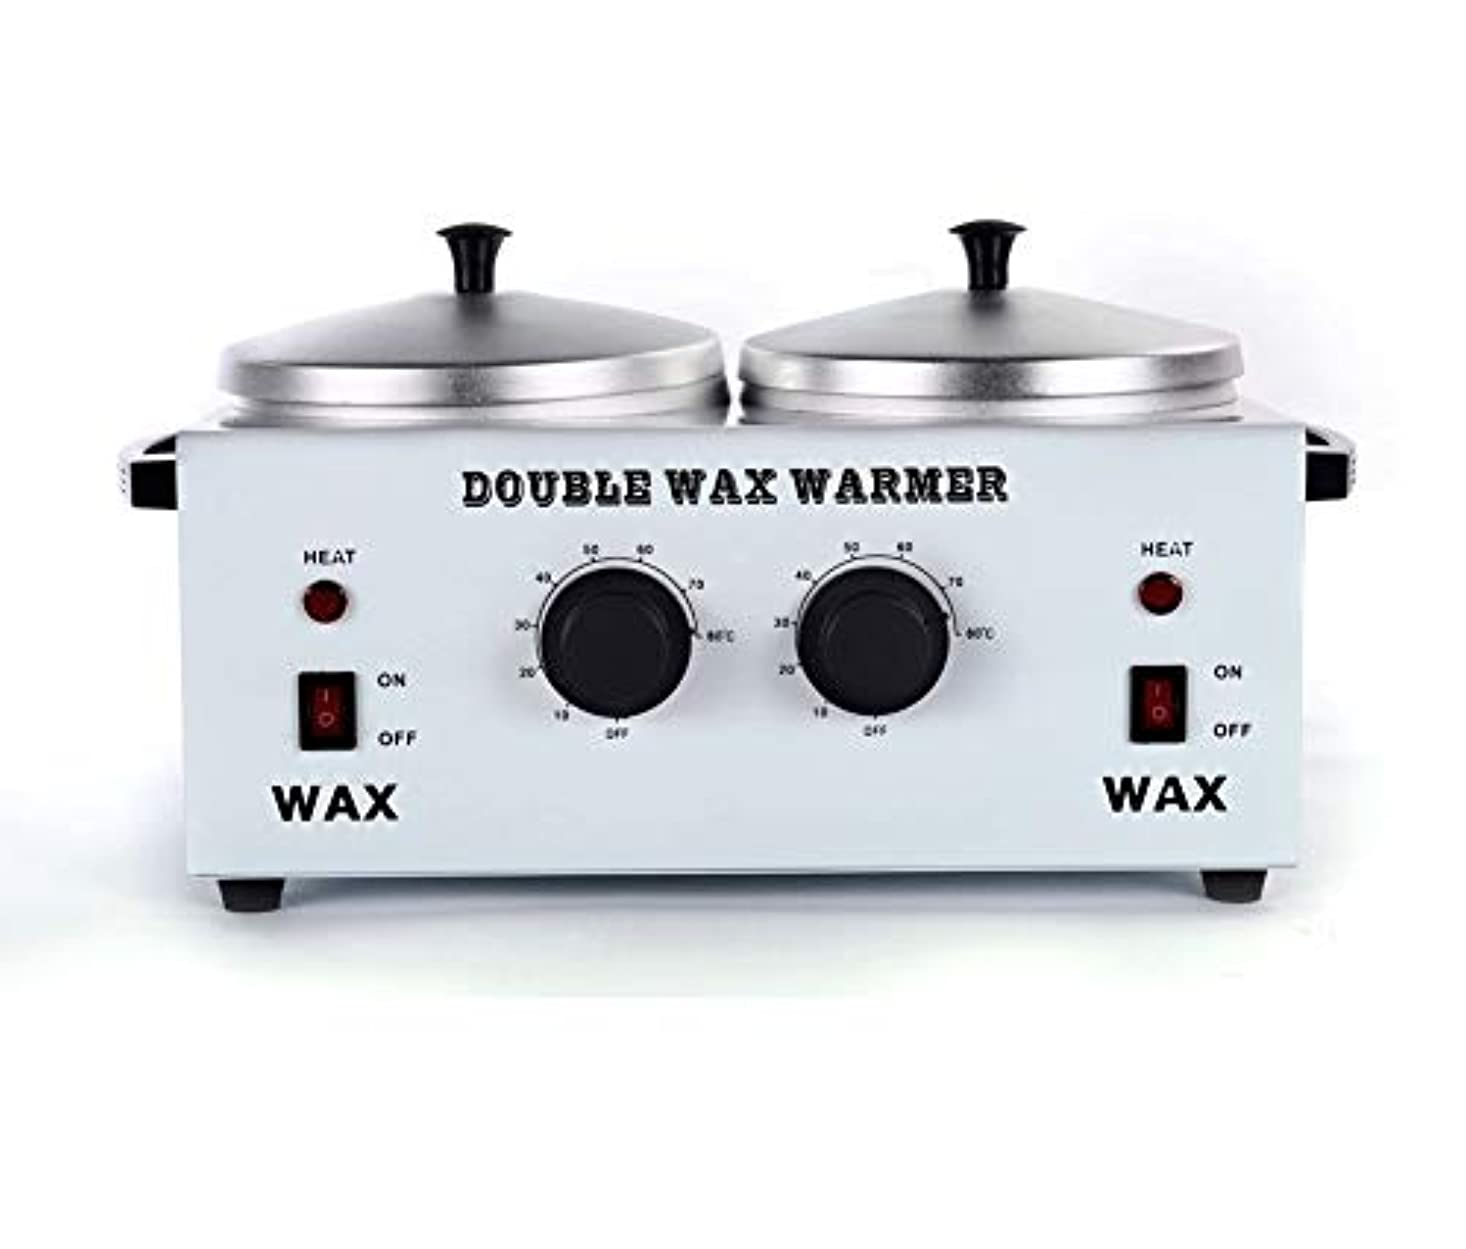 レシピ流疲れたワックスヒータープロフェッショナルダブルポット脱毛ワックスウォーマー、すべてのWAXS(ソフト、ハード、パラフィン)用電動ワックスヒーター機械ファストメルトポータブル人種のるつぼ